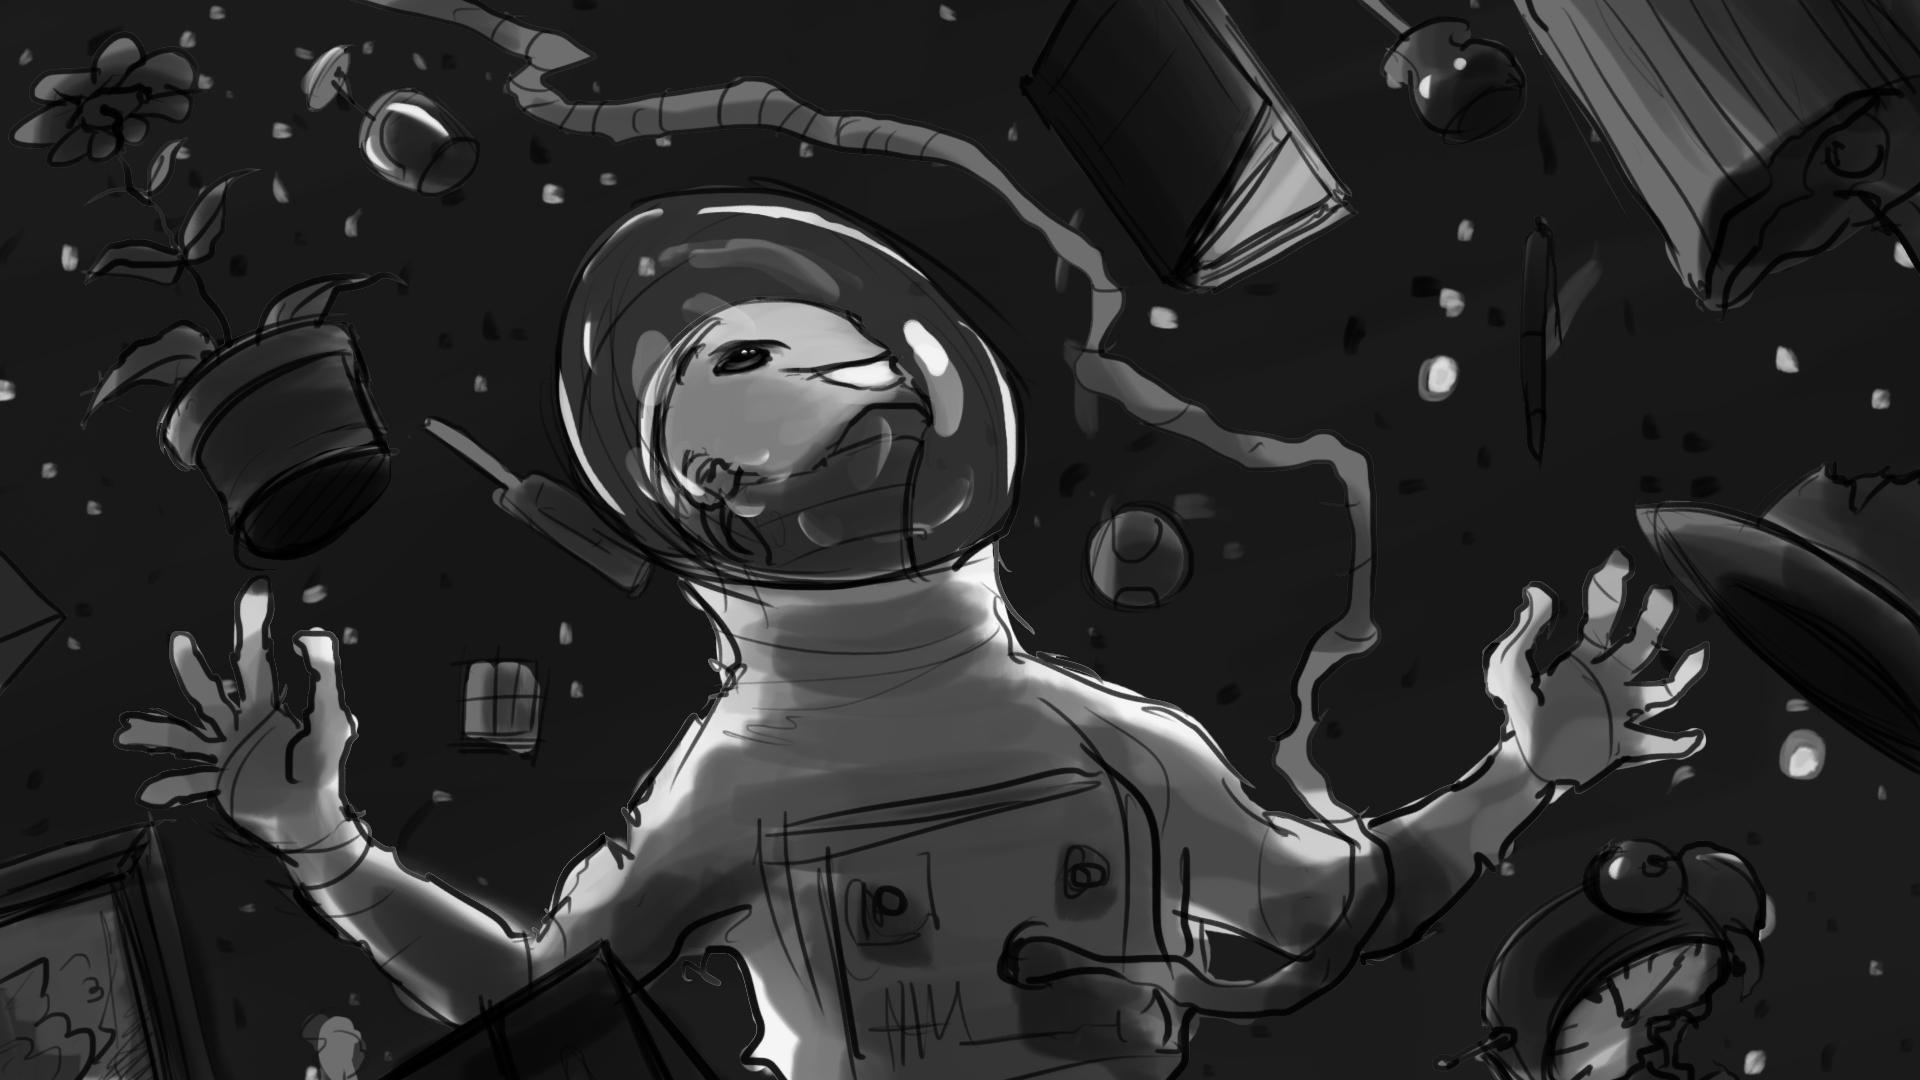 Rocket_Man_Storyboard_Artboard 33.jpg